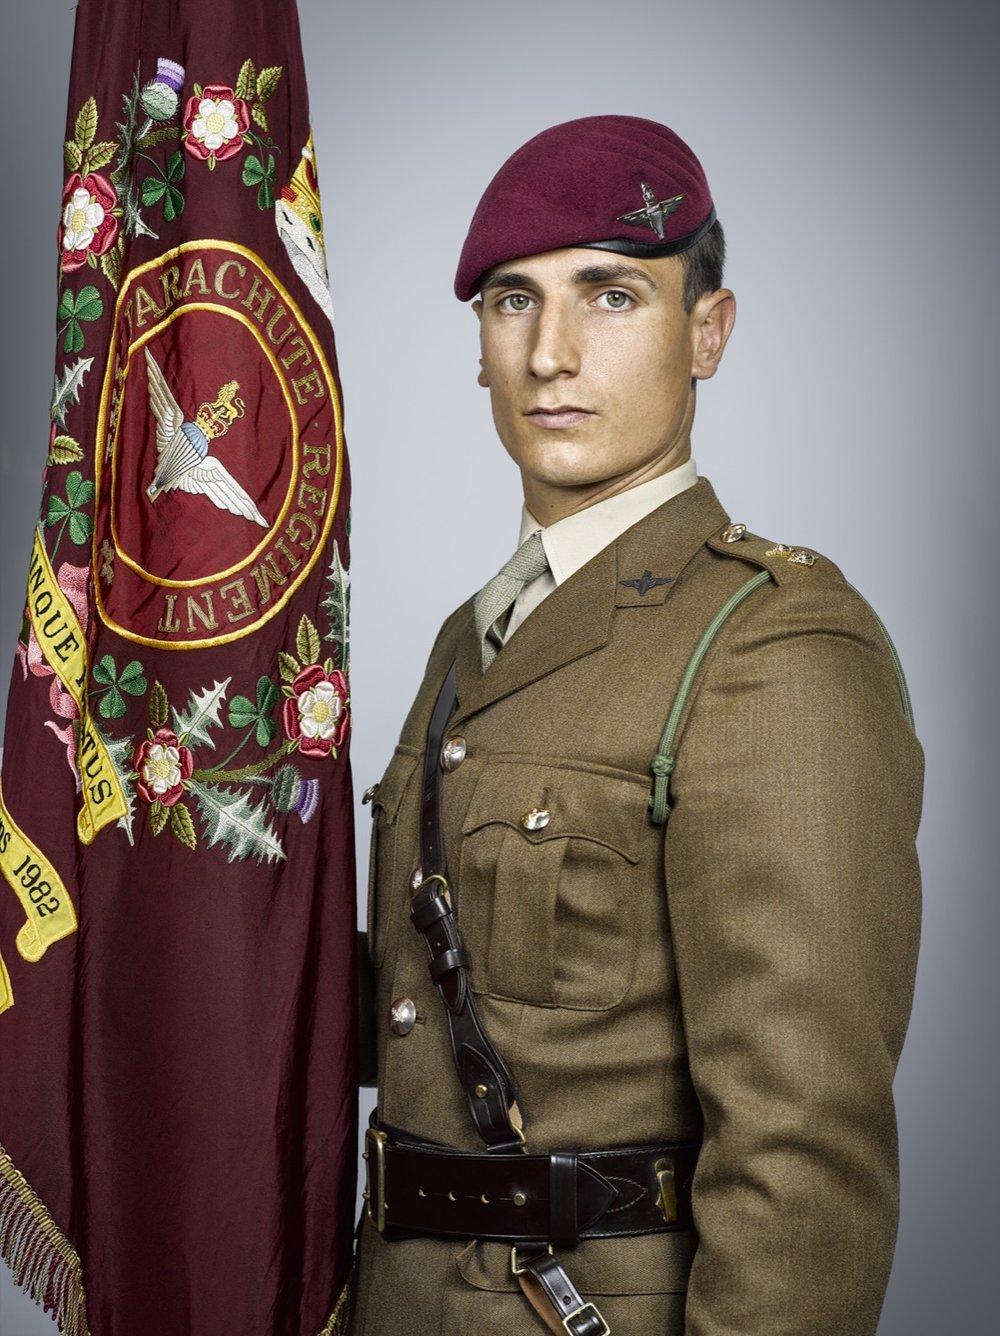 3rd Battalion  ,   Parachute Regiment   (3 PARA) Rory Lewis Photographer London Military Portrait Photographer 2018